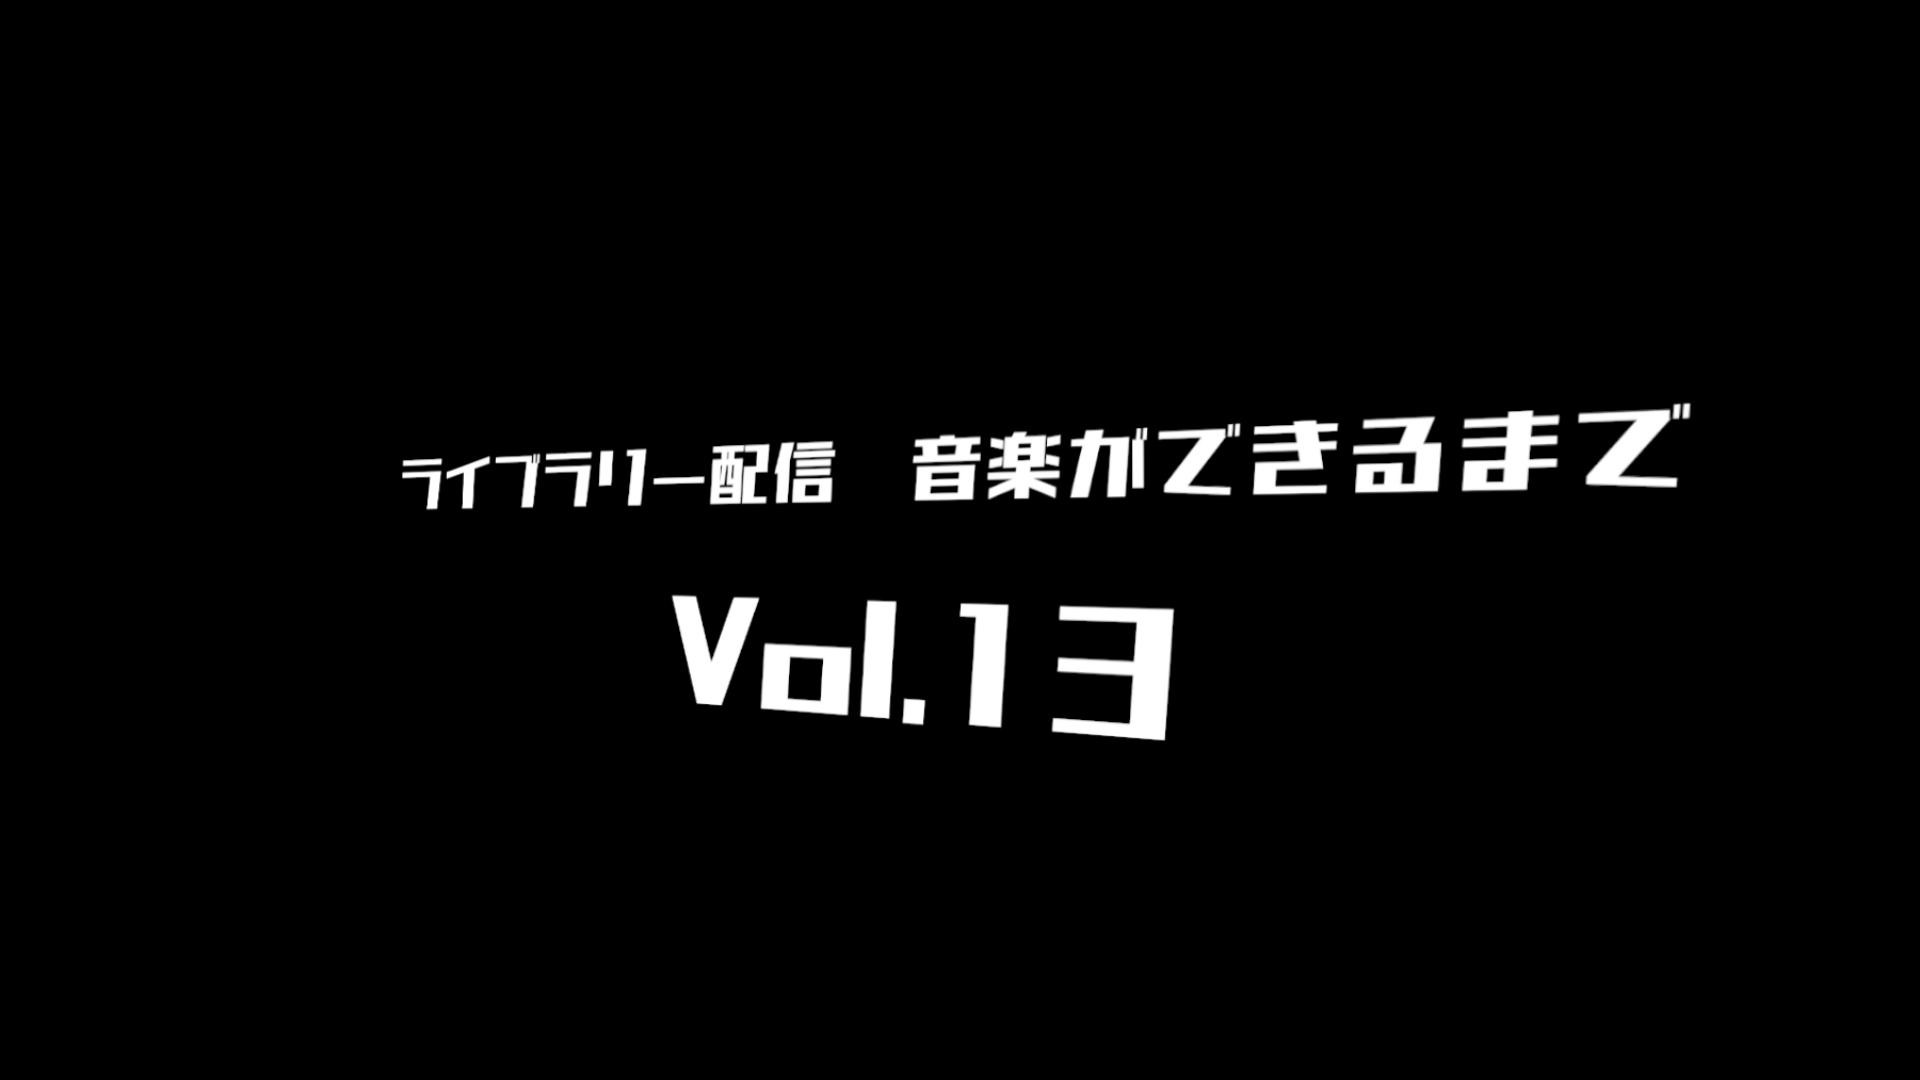 ~音楽ができるまで~ vol.13